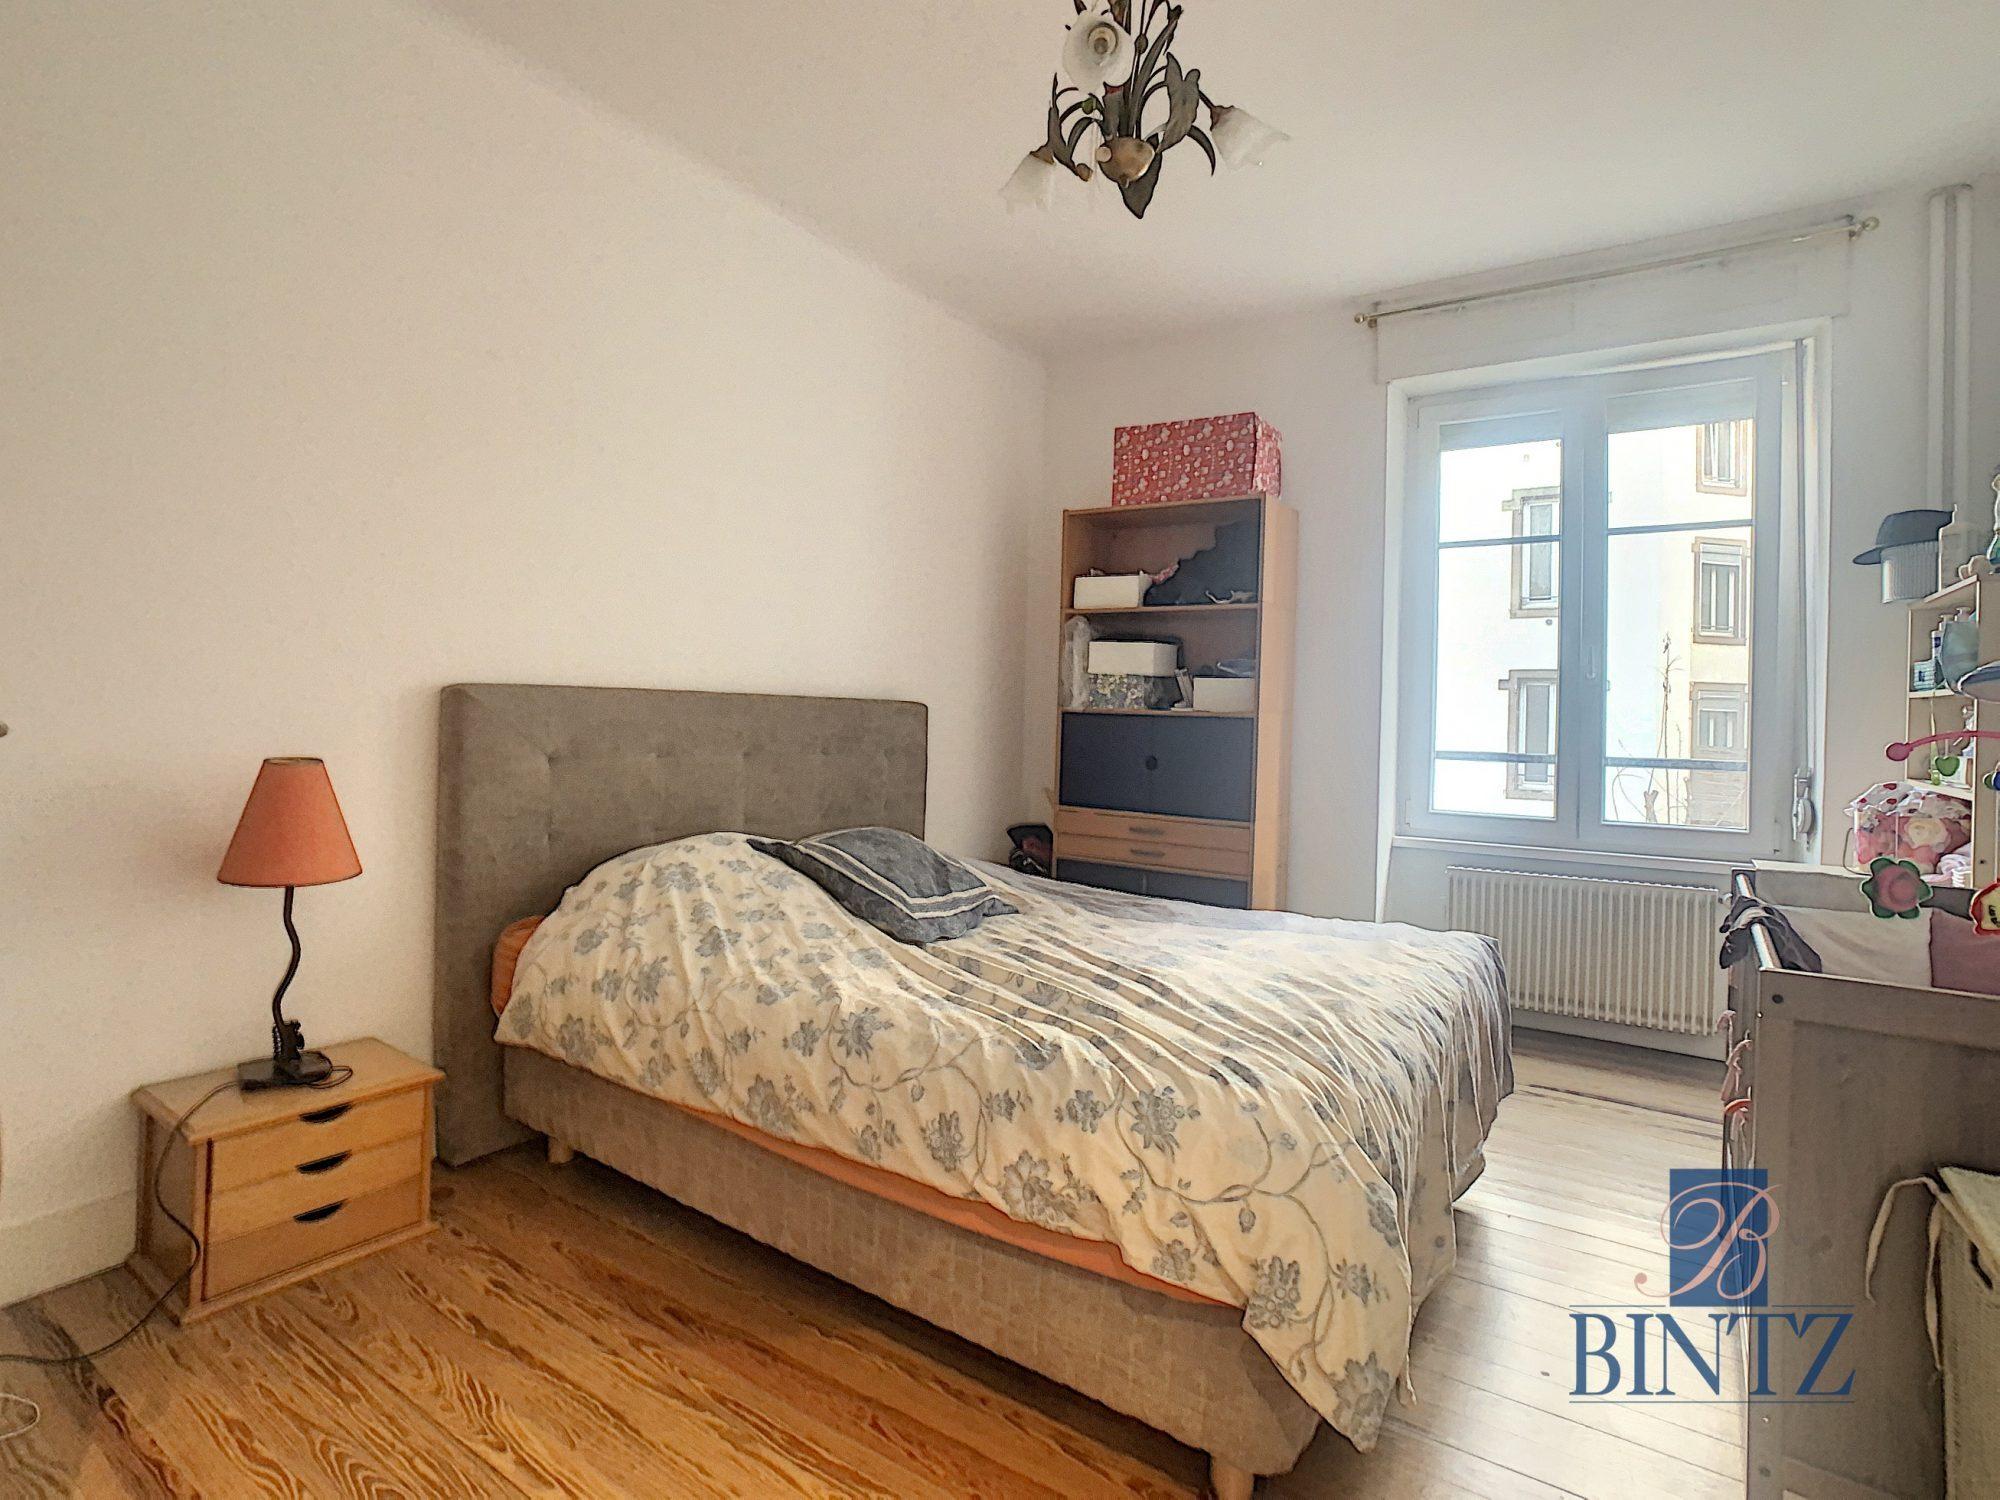 Appartement 3/4 pièces dans le quartier de la Neustadt - Devenez propriétaire en toute confiance - Bintz Immobilier - 5